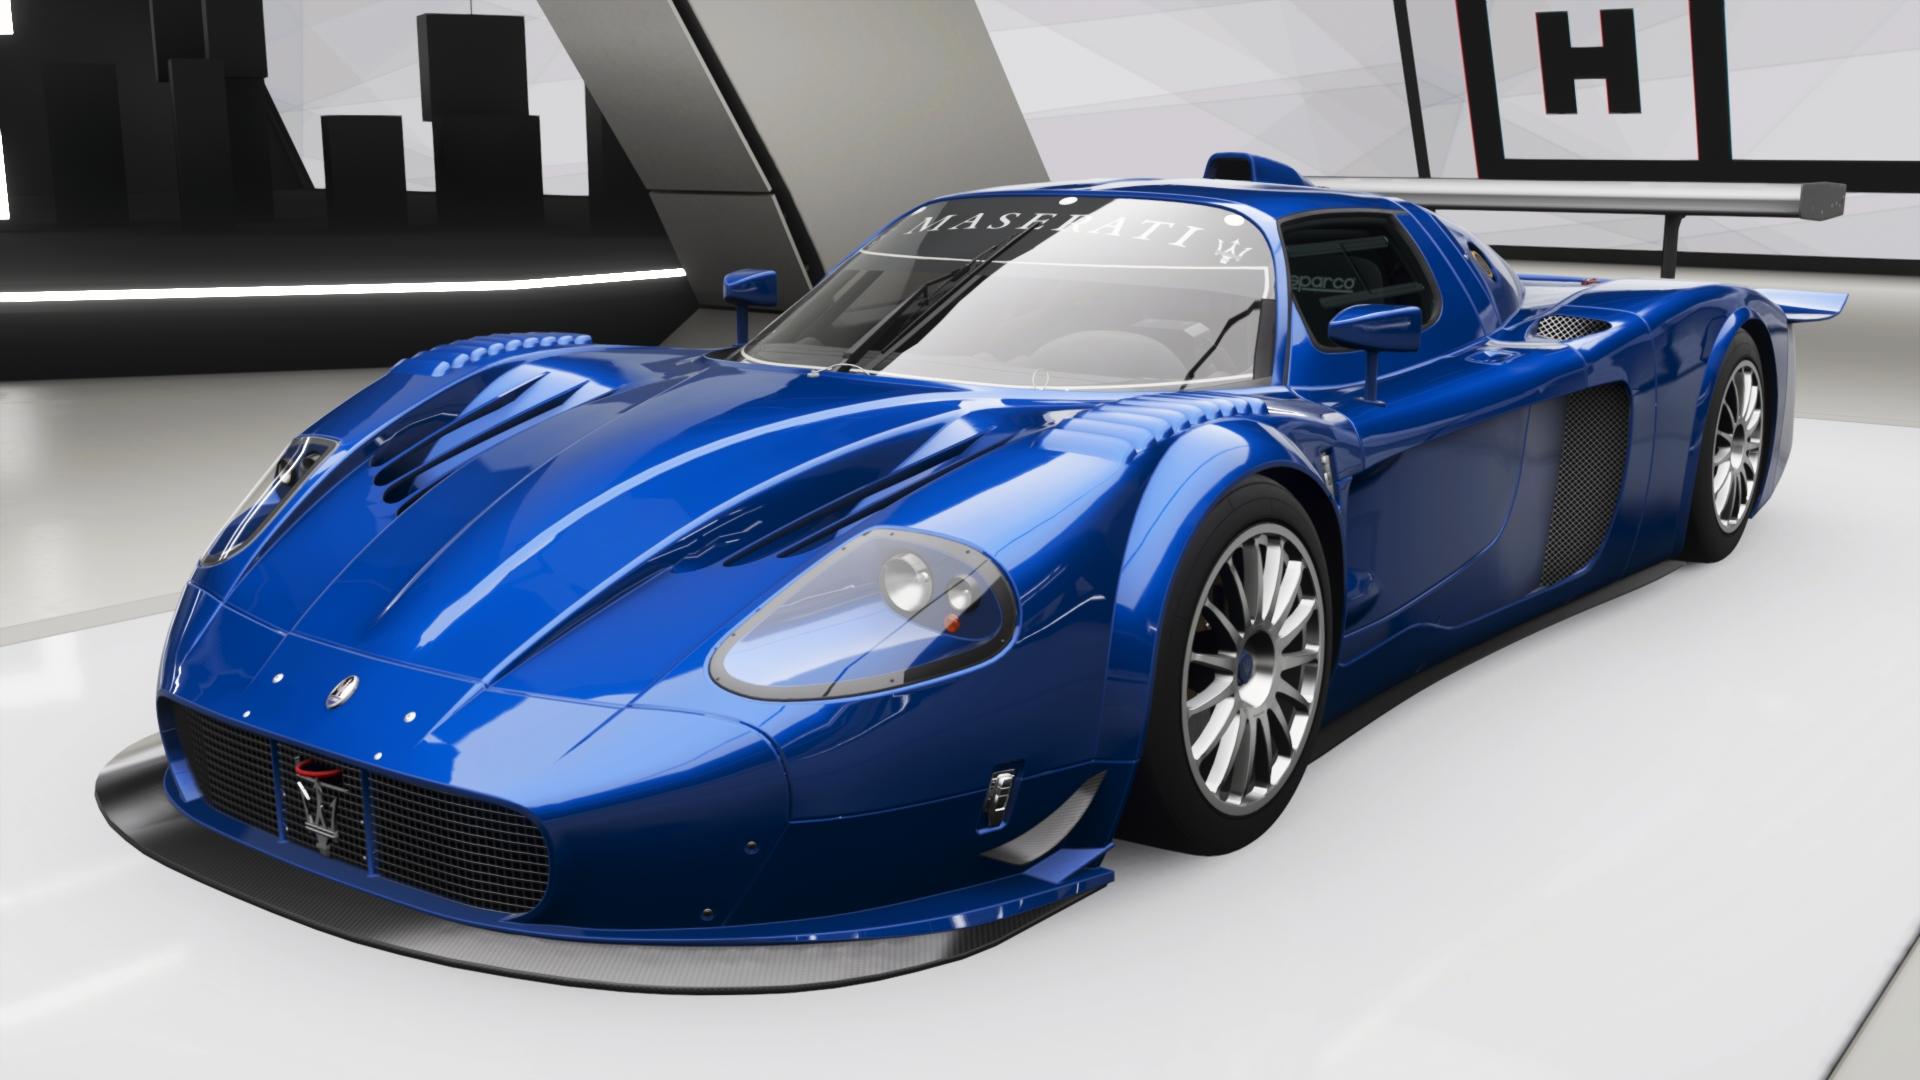 Maserati Mc12 Versione Corsa Forza Motorsport Wiki